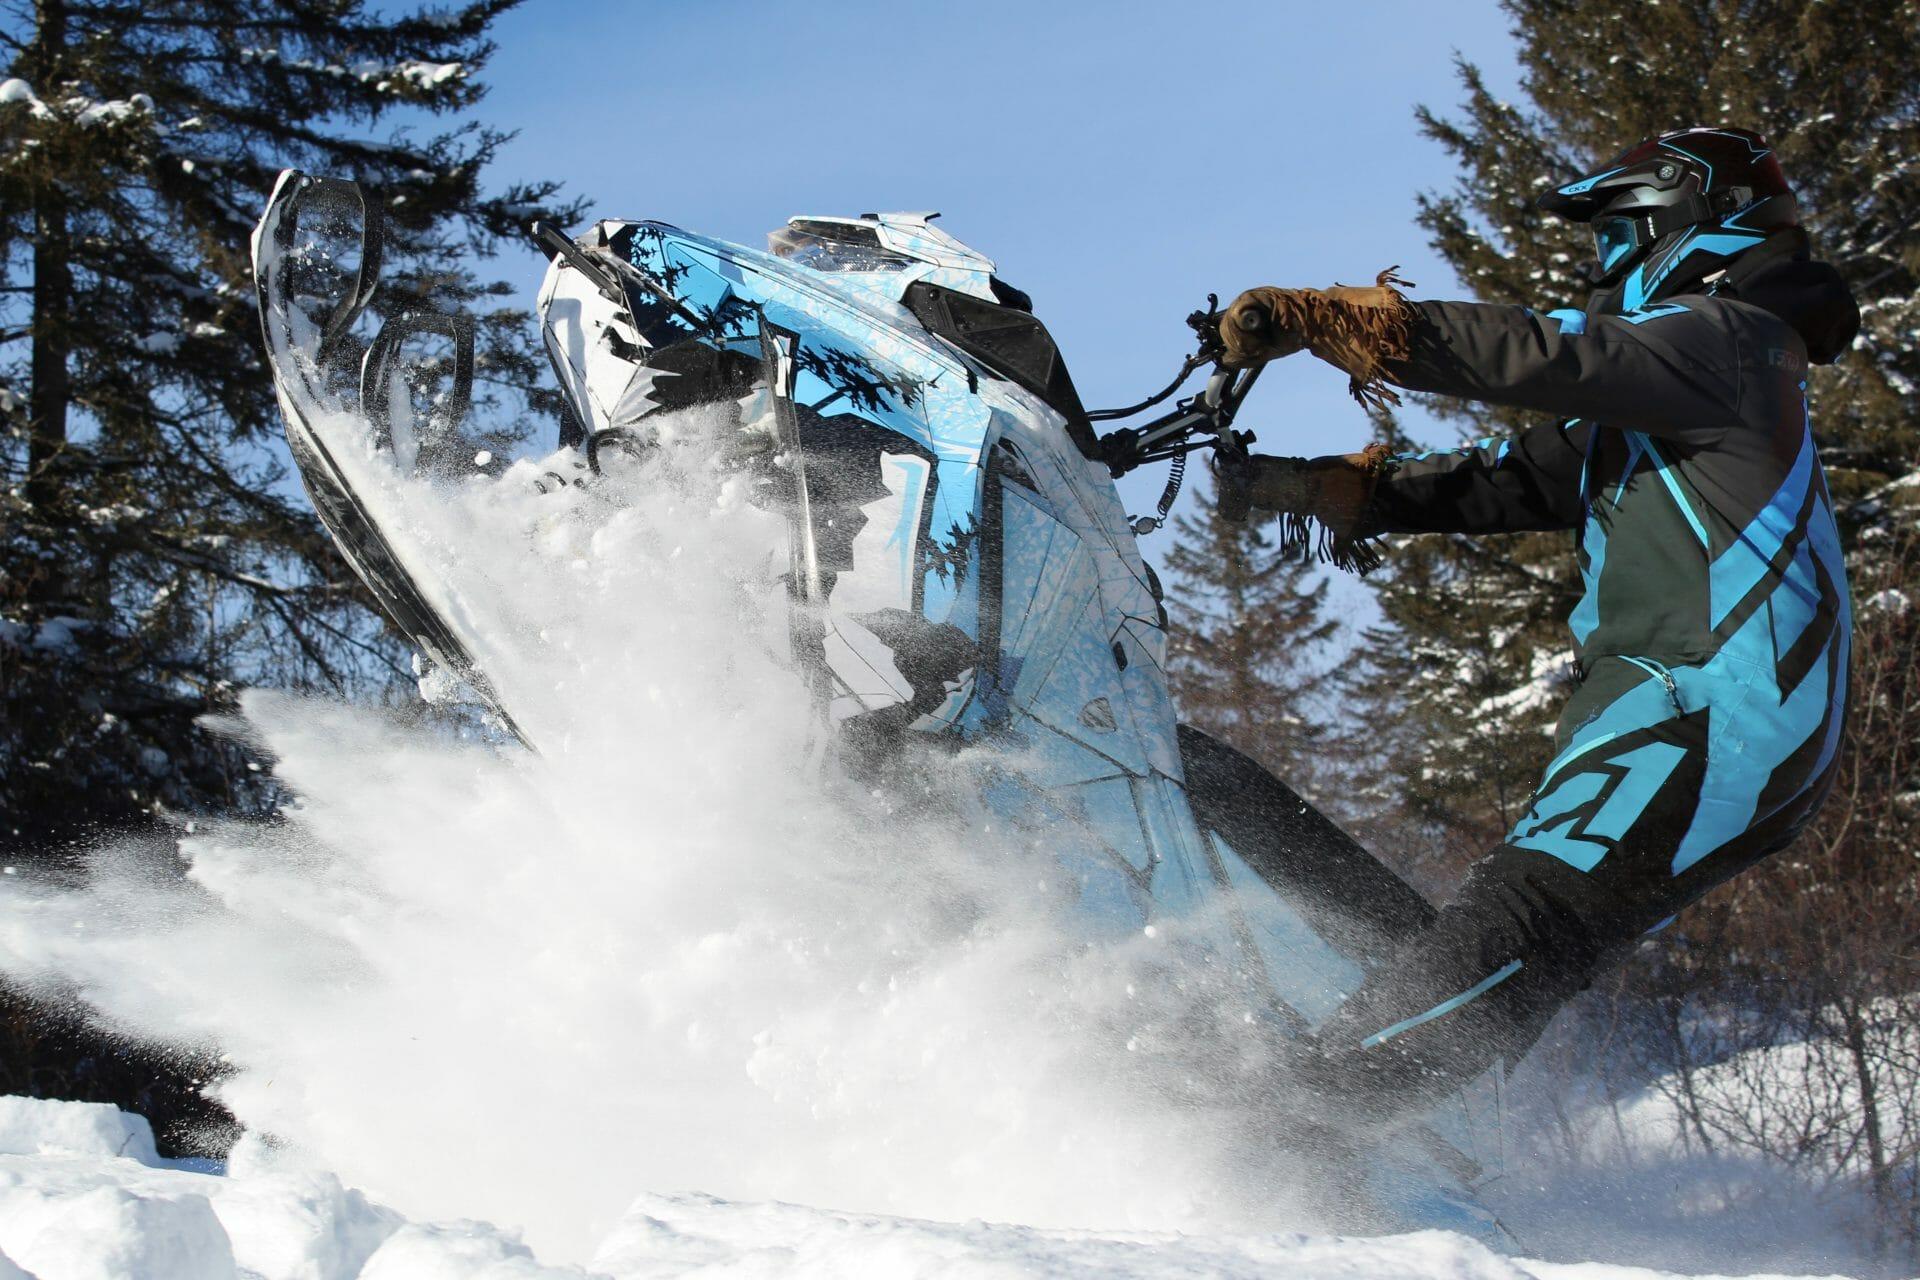 Motoneigiste en action avec sa motoneige et un design de kit graphique bleu